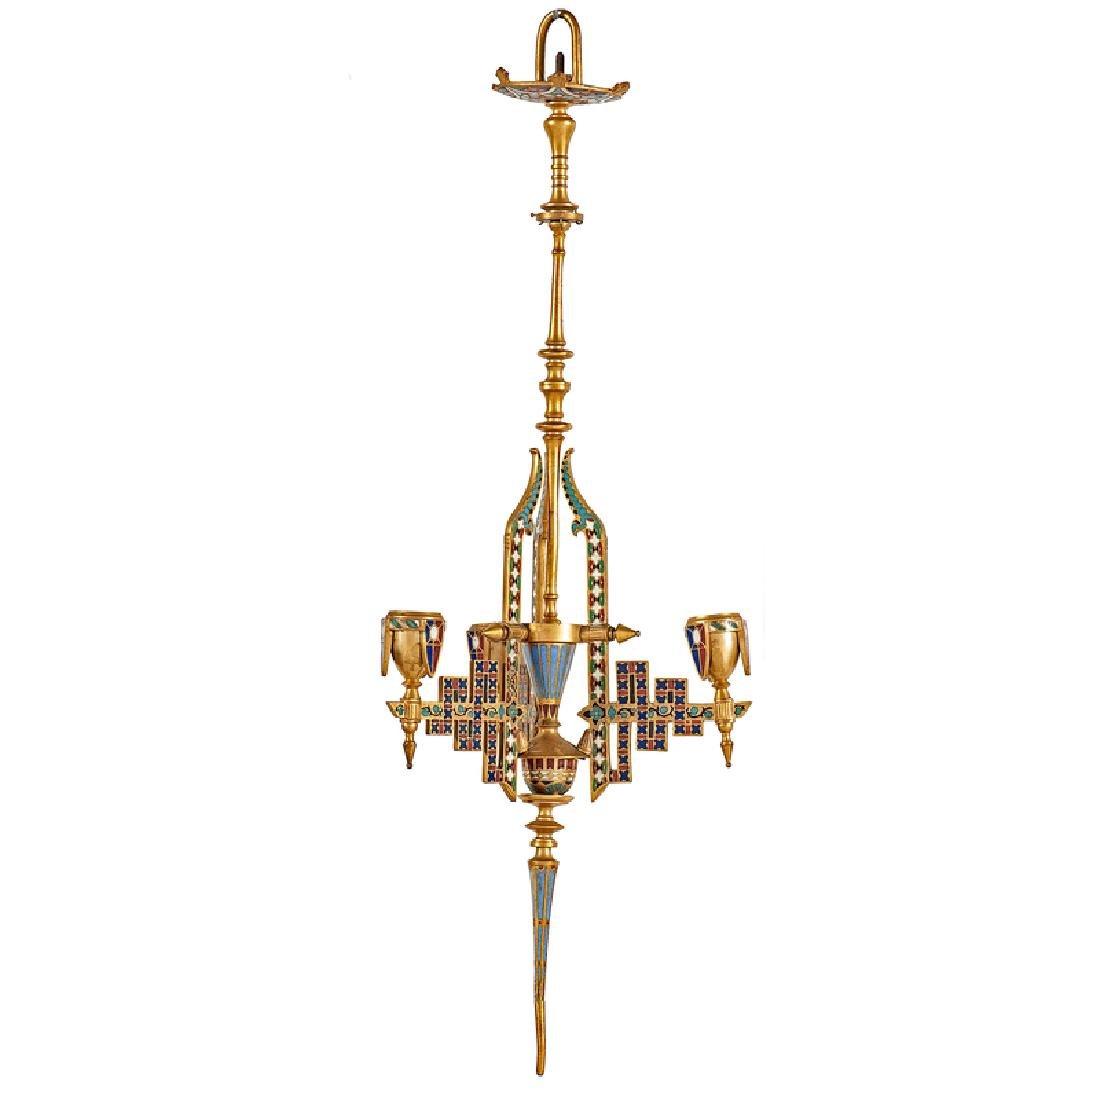 Neo-Grec Gilt-Bronze and Cloisonné Chandelier